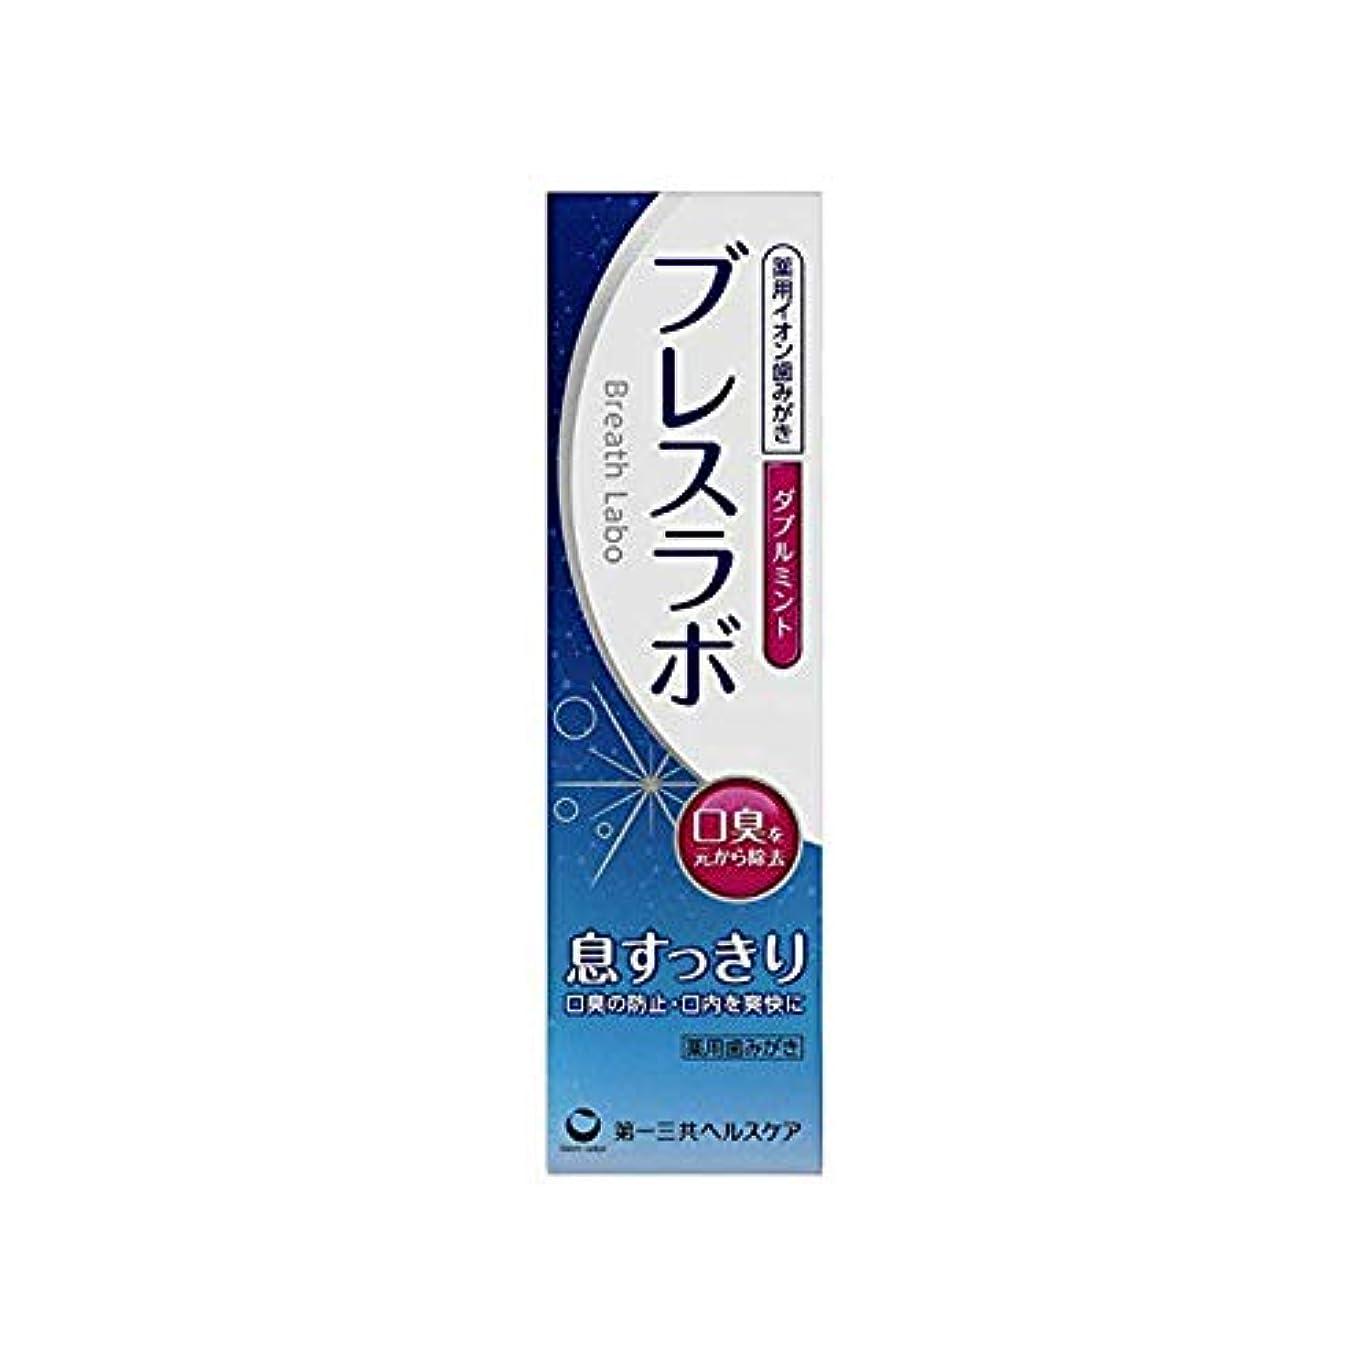 ソーシャル名詞未接続【3個セット】ブレスラボ ダブルミント 90g